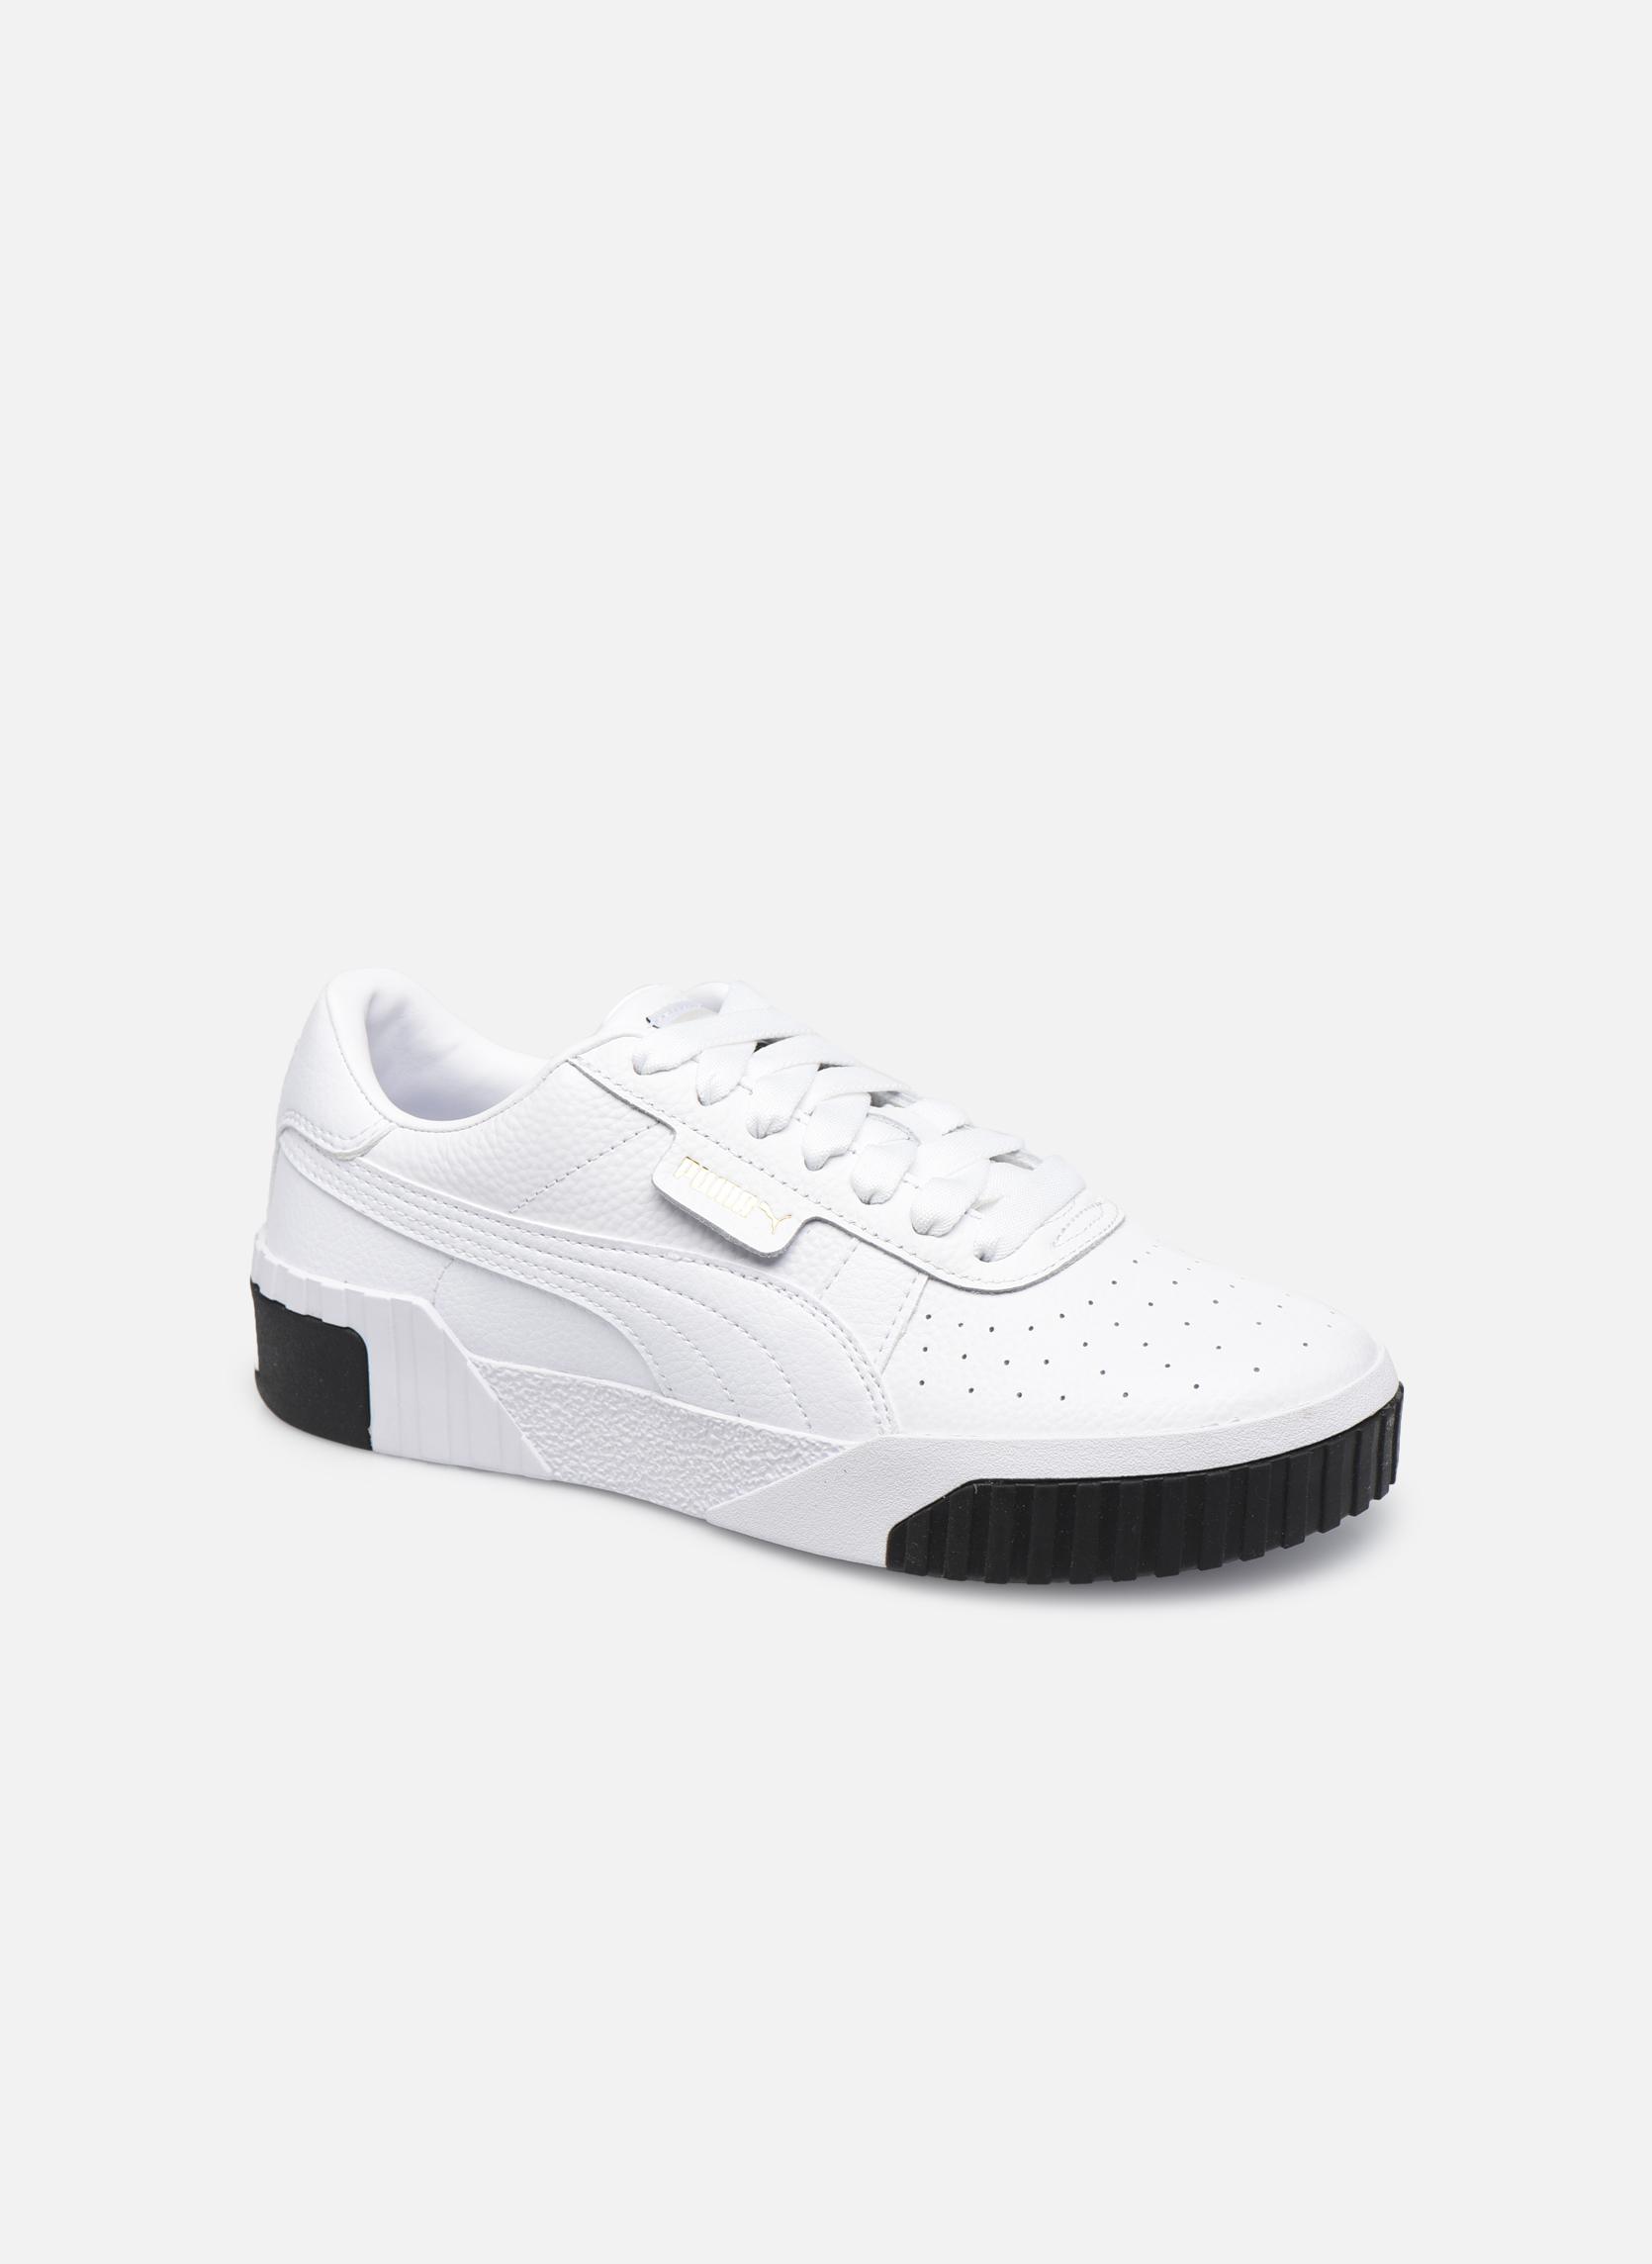 White-Puma Black